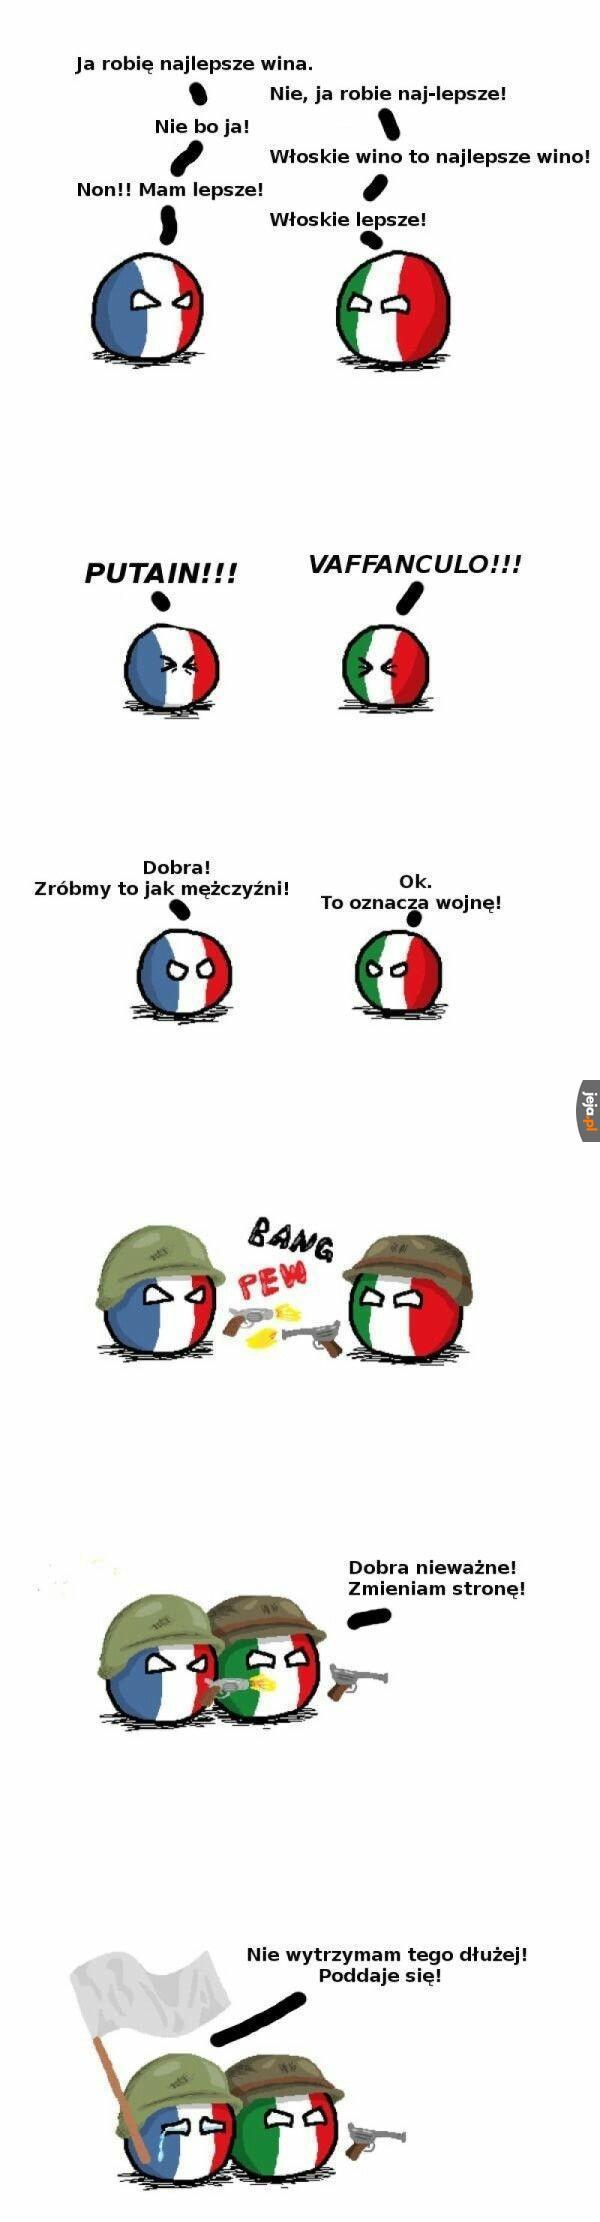 Gdy Francja kłóci się z Włochami